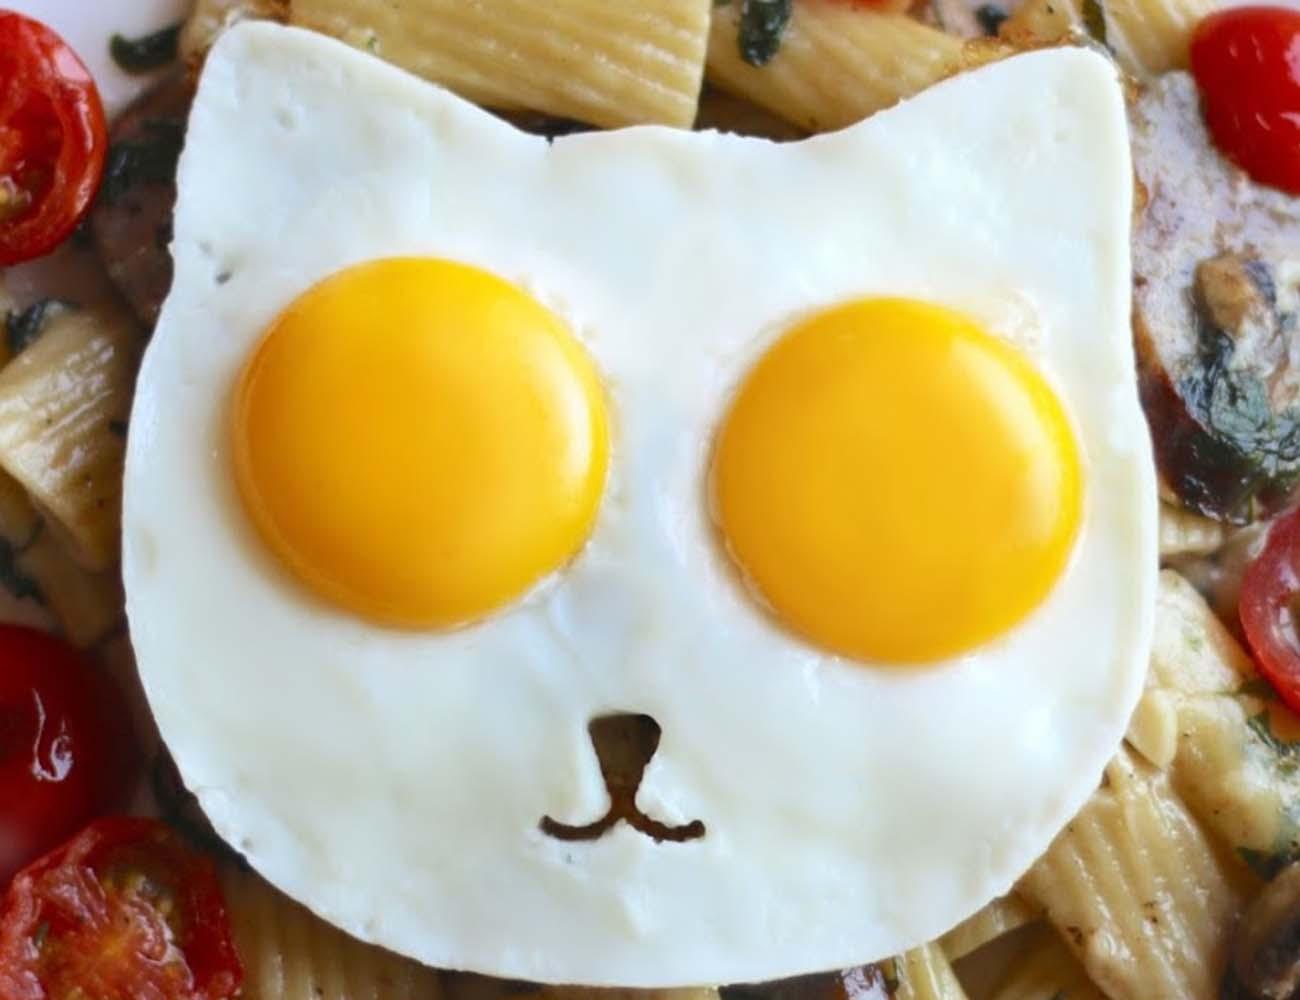 Sunny+Side+Up+Eggs+%26%238211%3B+Cat+Egg+Mold